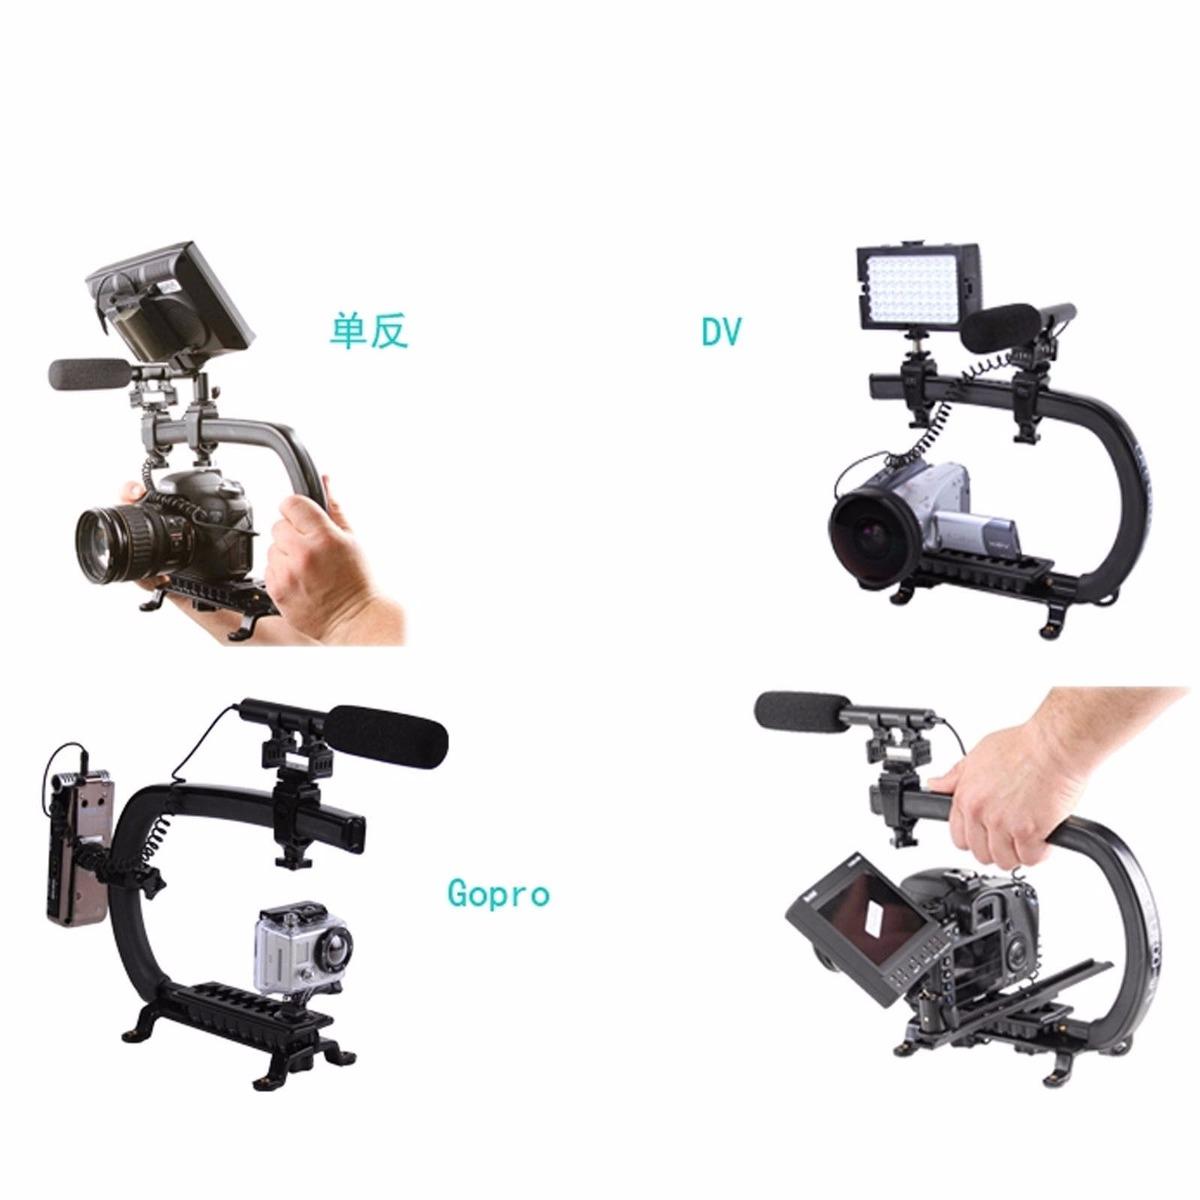 Soporte estabilizador para camara dslr y videocamara canon for Estabilizador de camara